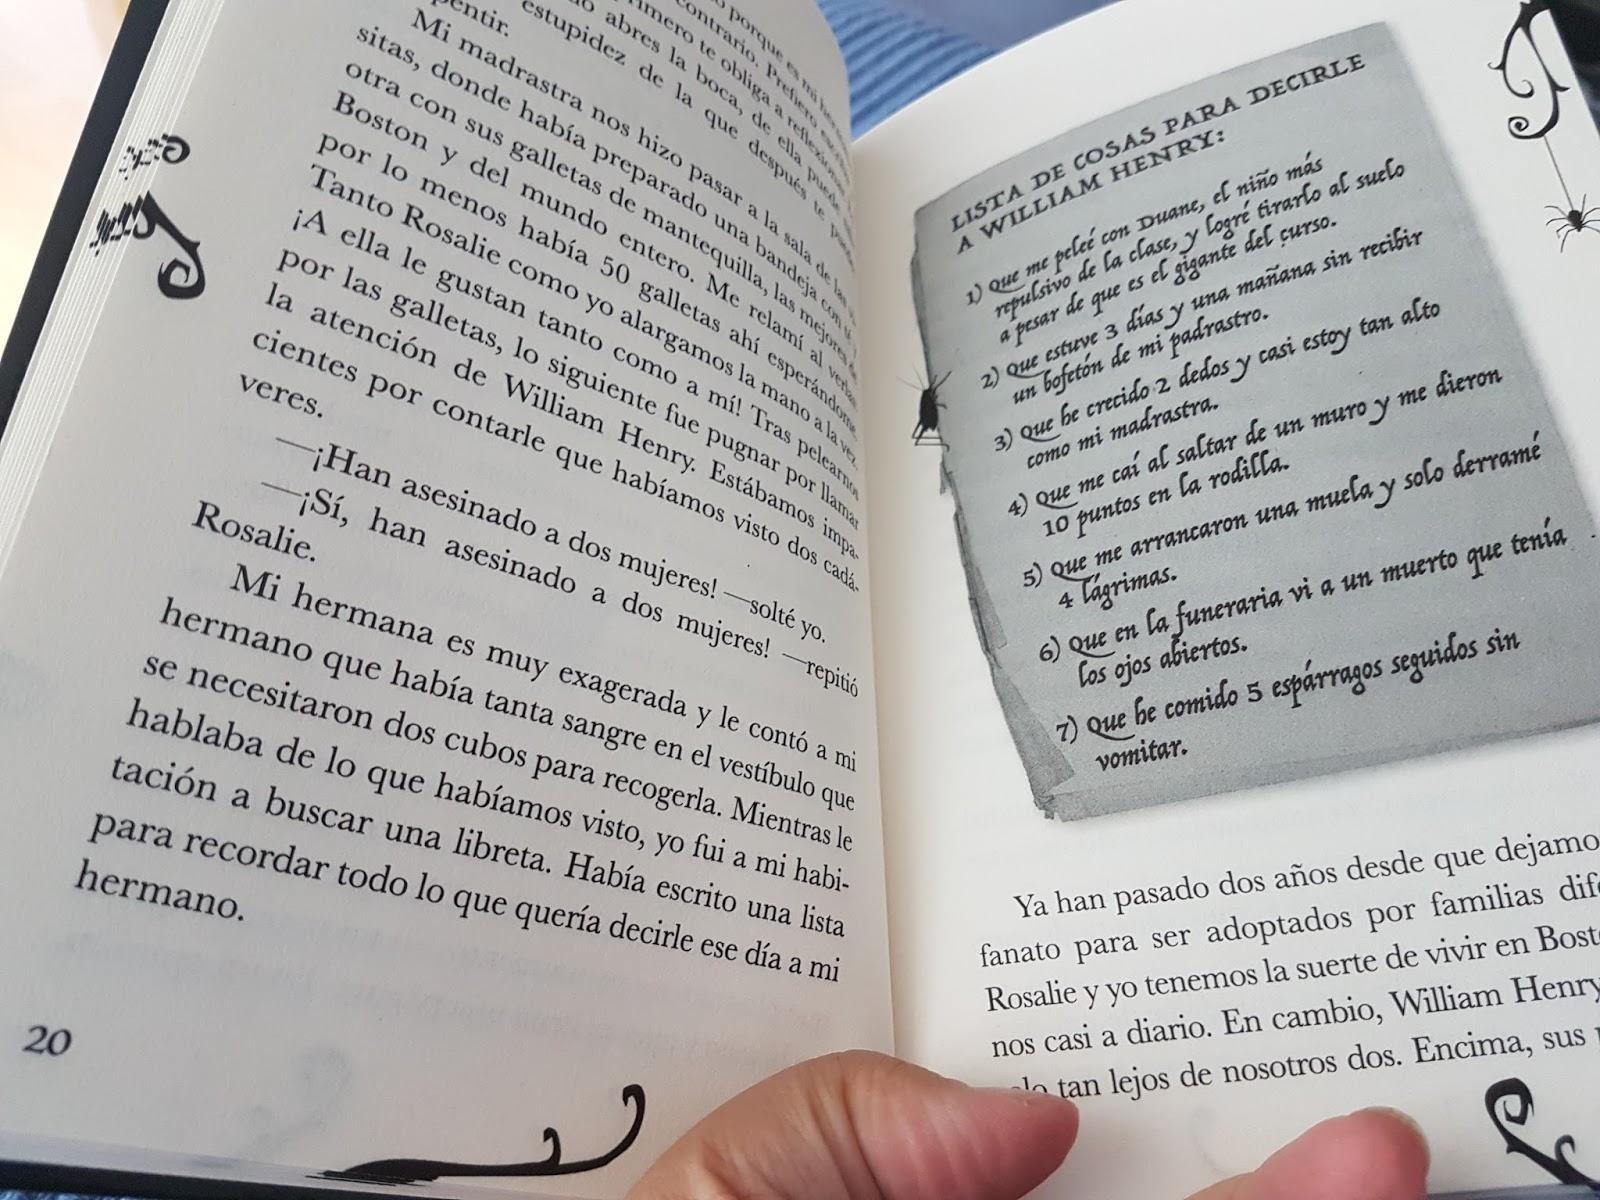 Libros que hay que leer: \